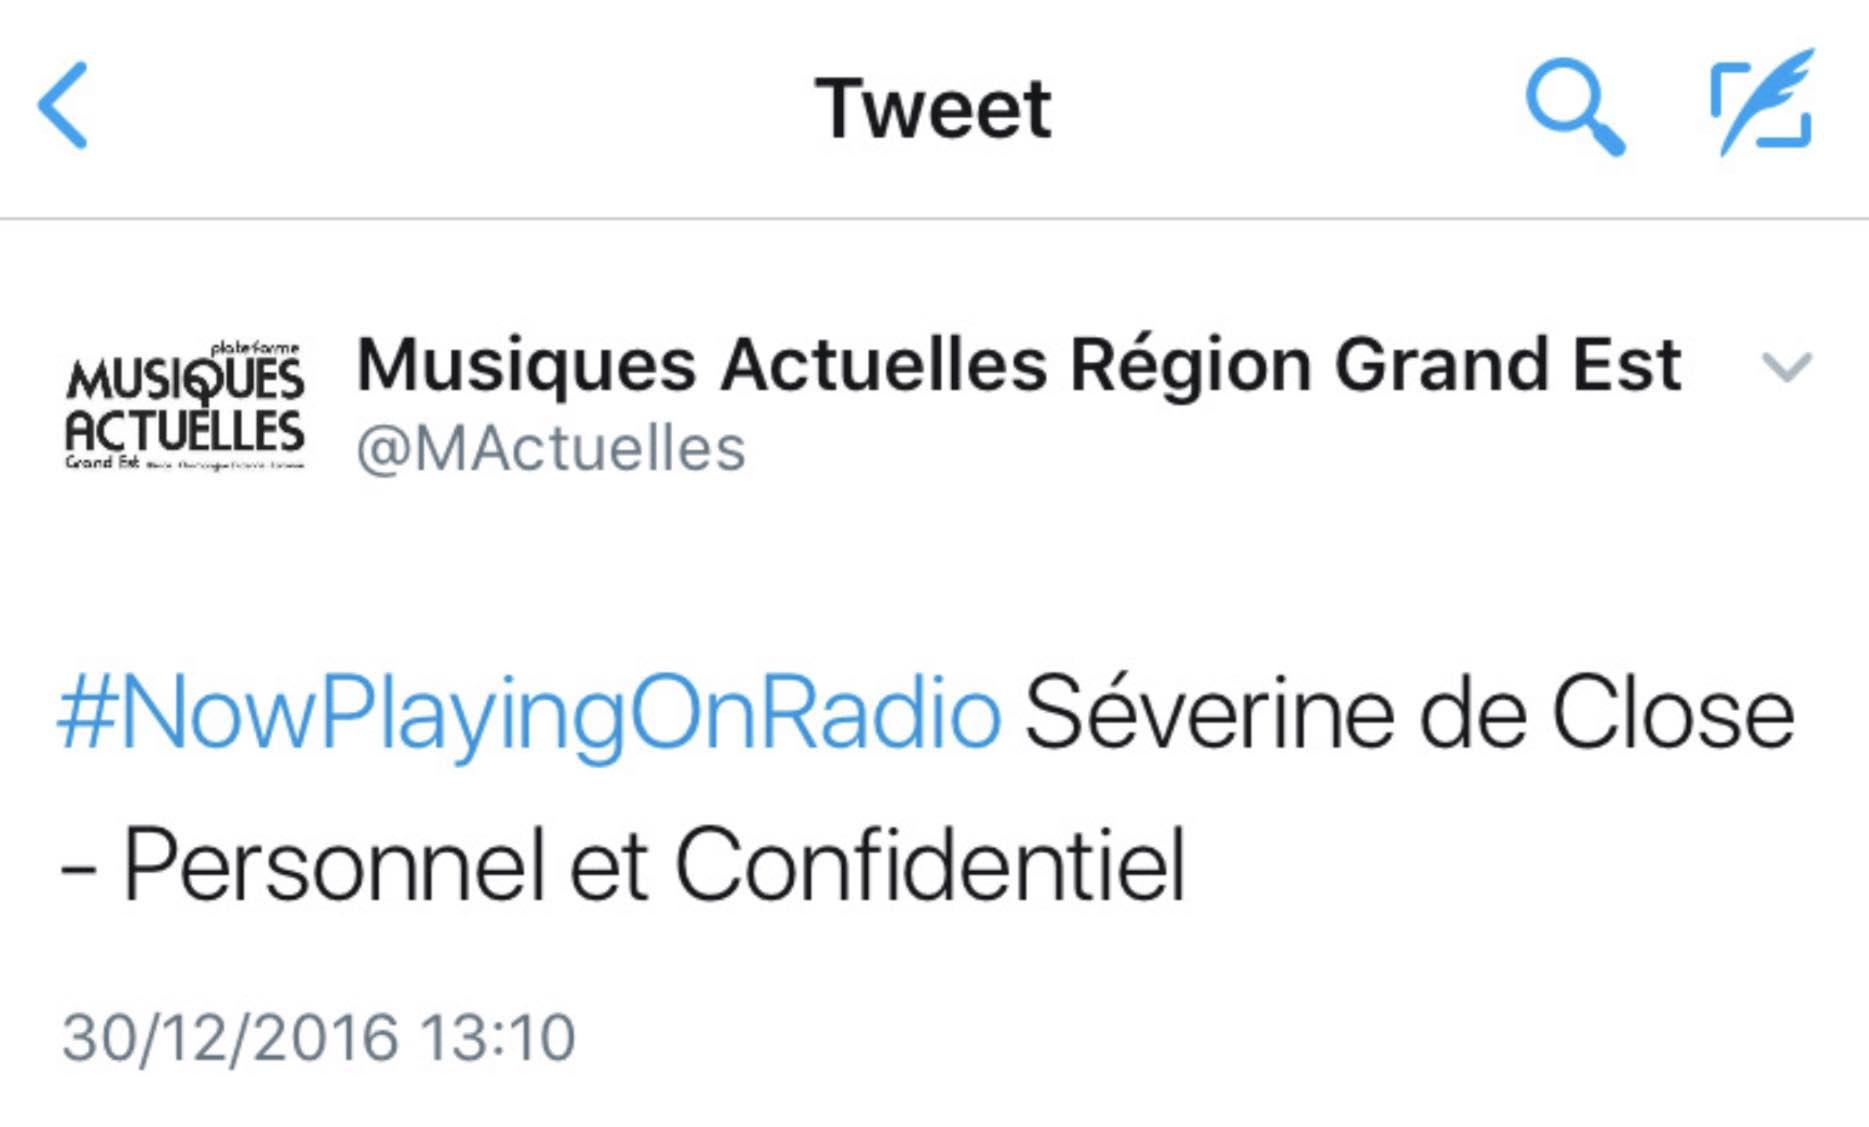 Radio Musiques Actuelles Région Grand Est - 30/12/16